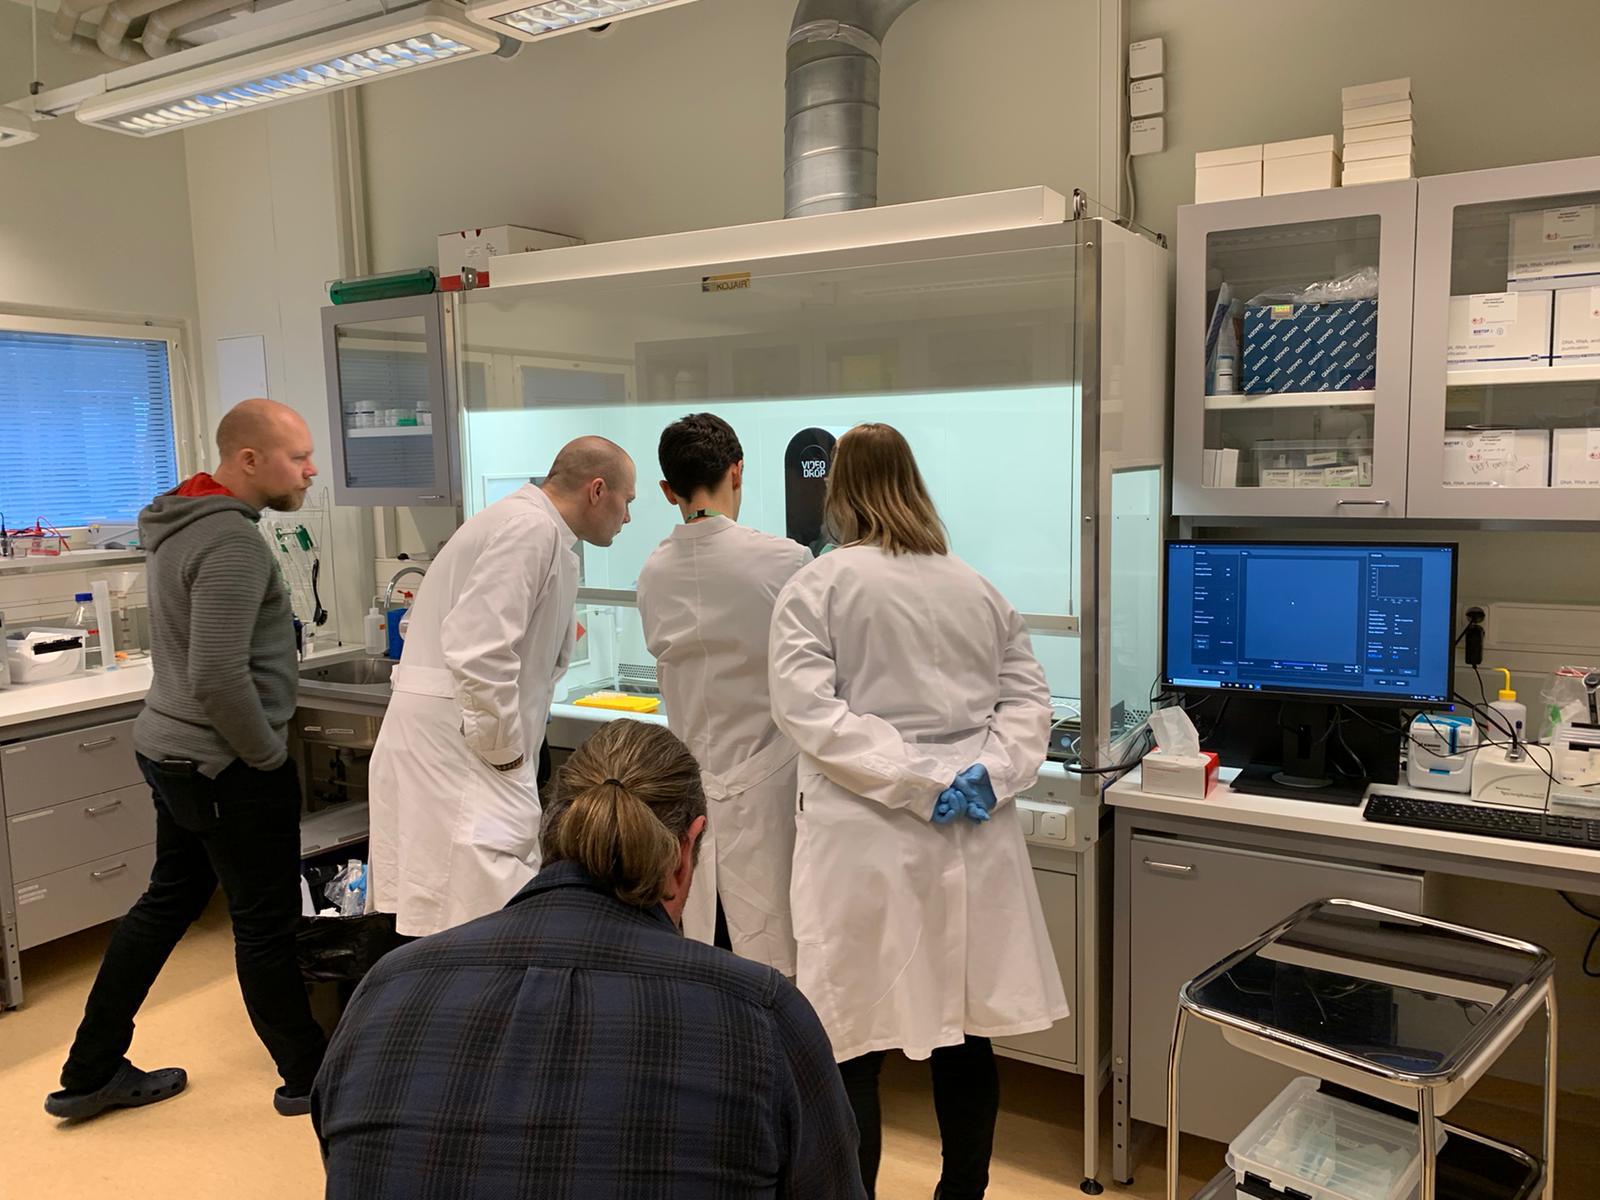 Démonstration du Videodrop auprès de l'équipe du Kuopio Center for Cell and Gene Therapy